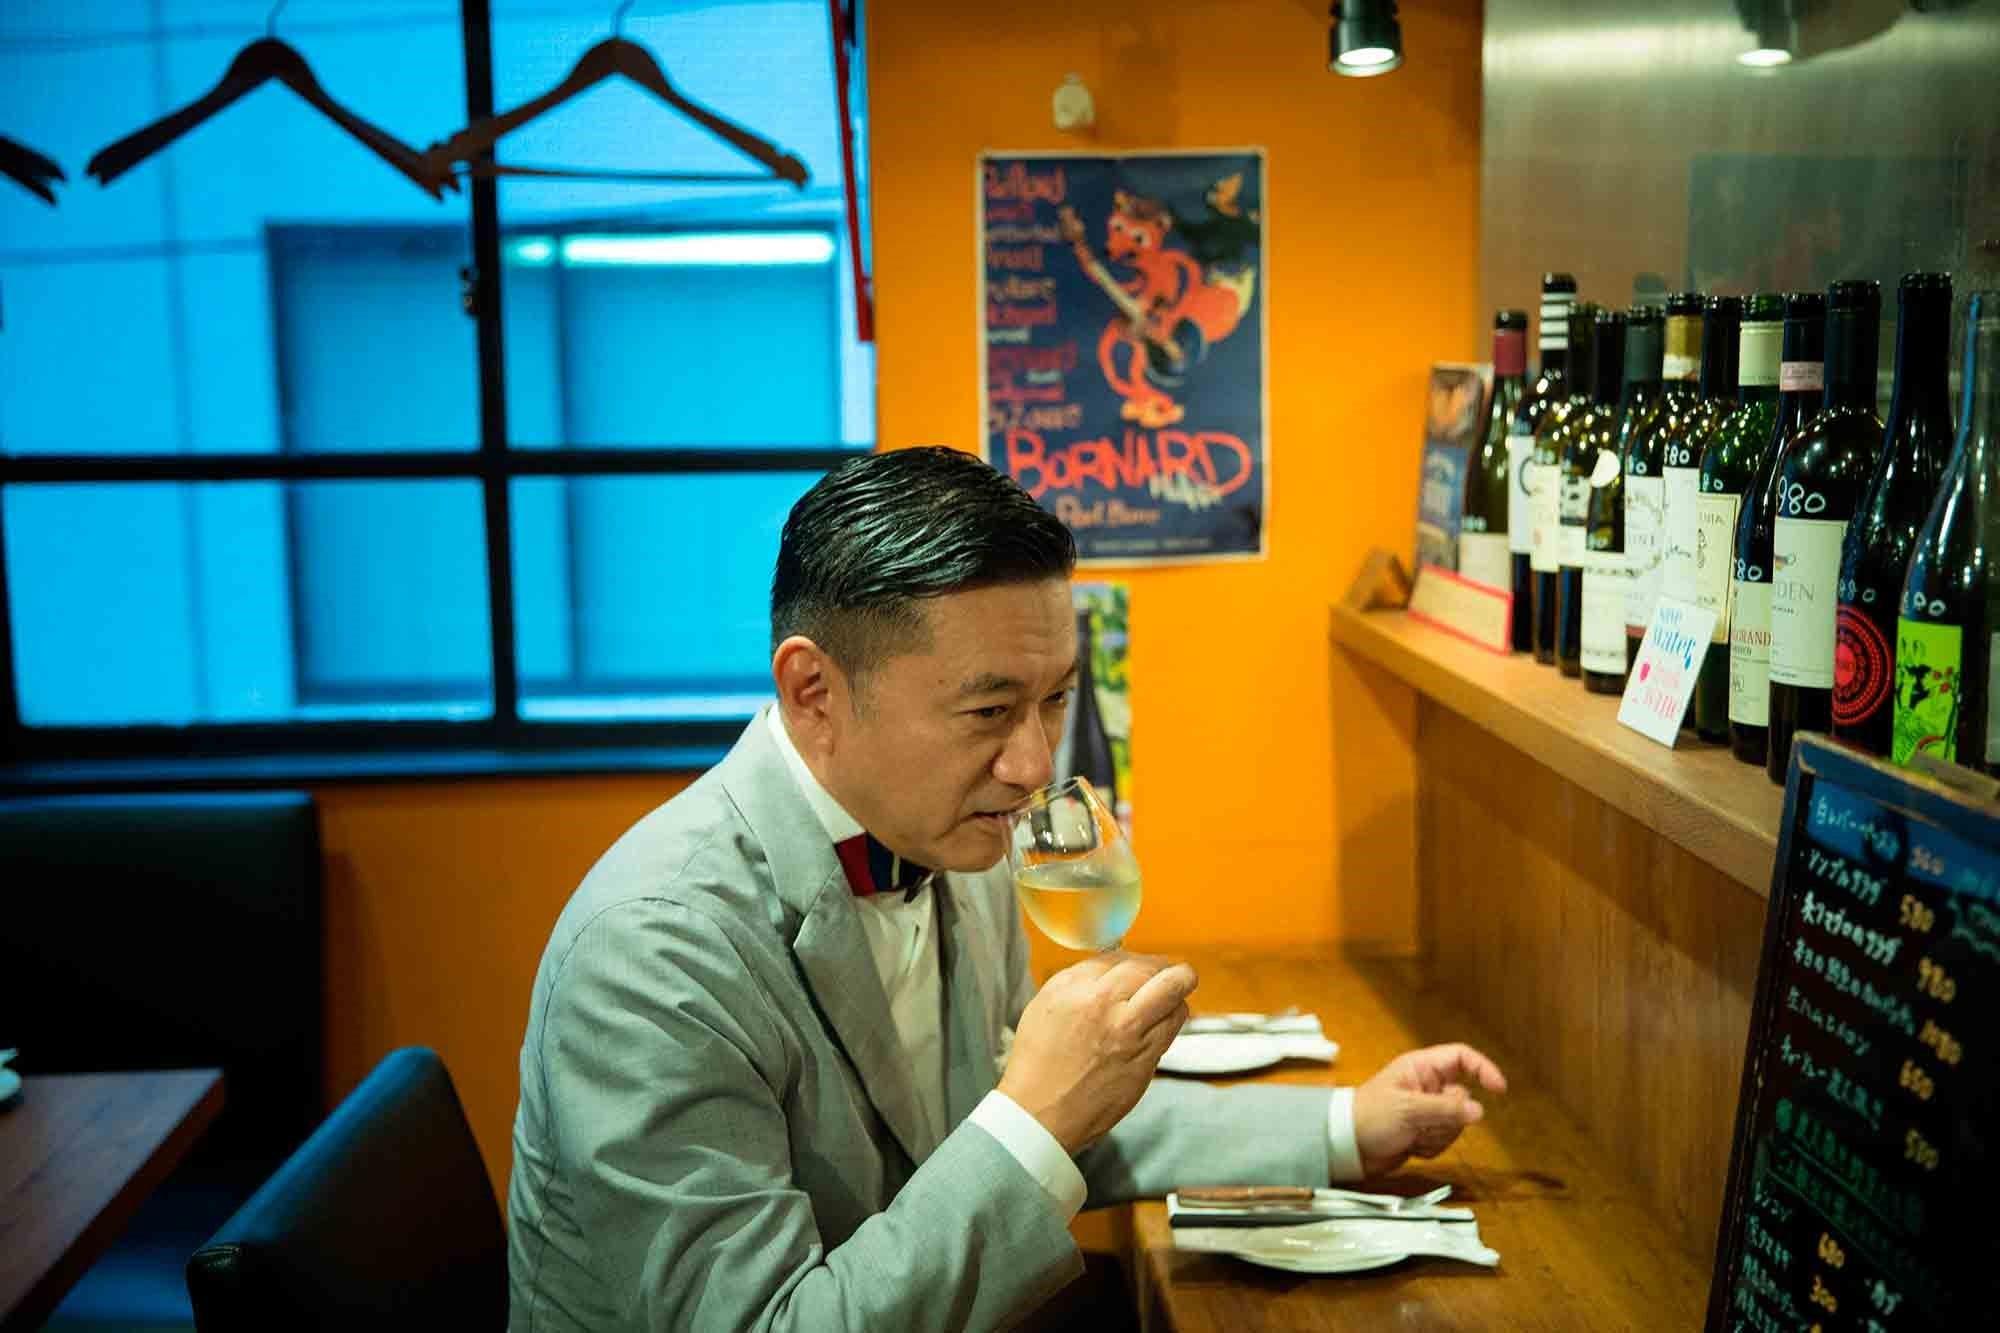 ワインと炭火焼きの店「ジジーノ」のカウンターで。ゴージャスな店は性に合わないから、銀座でもこじんまりした心地よい店に好んで通う。